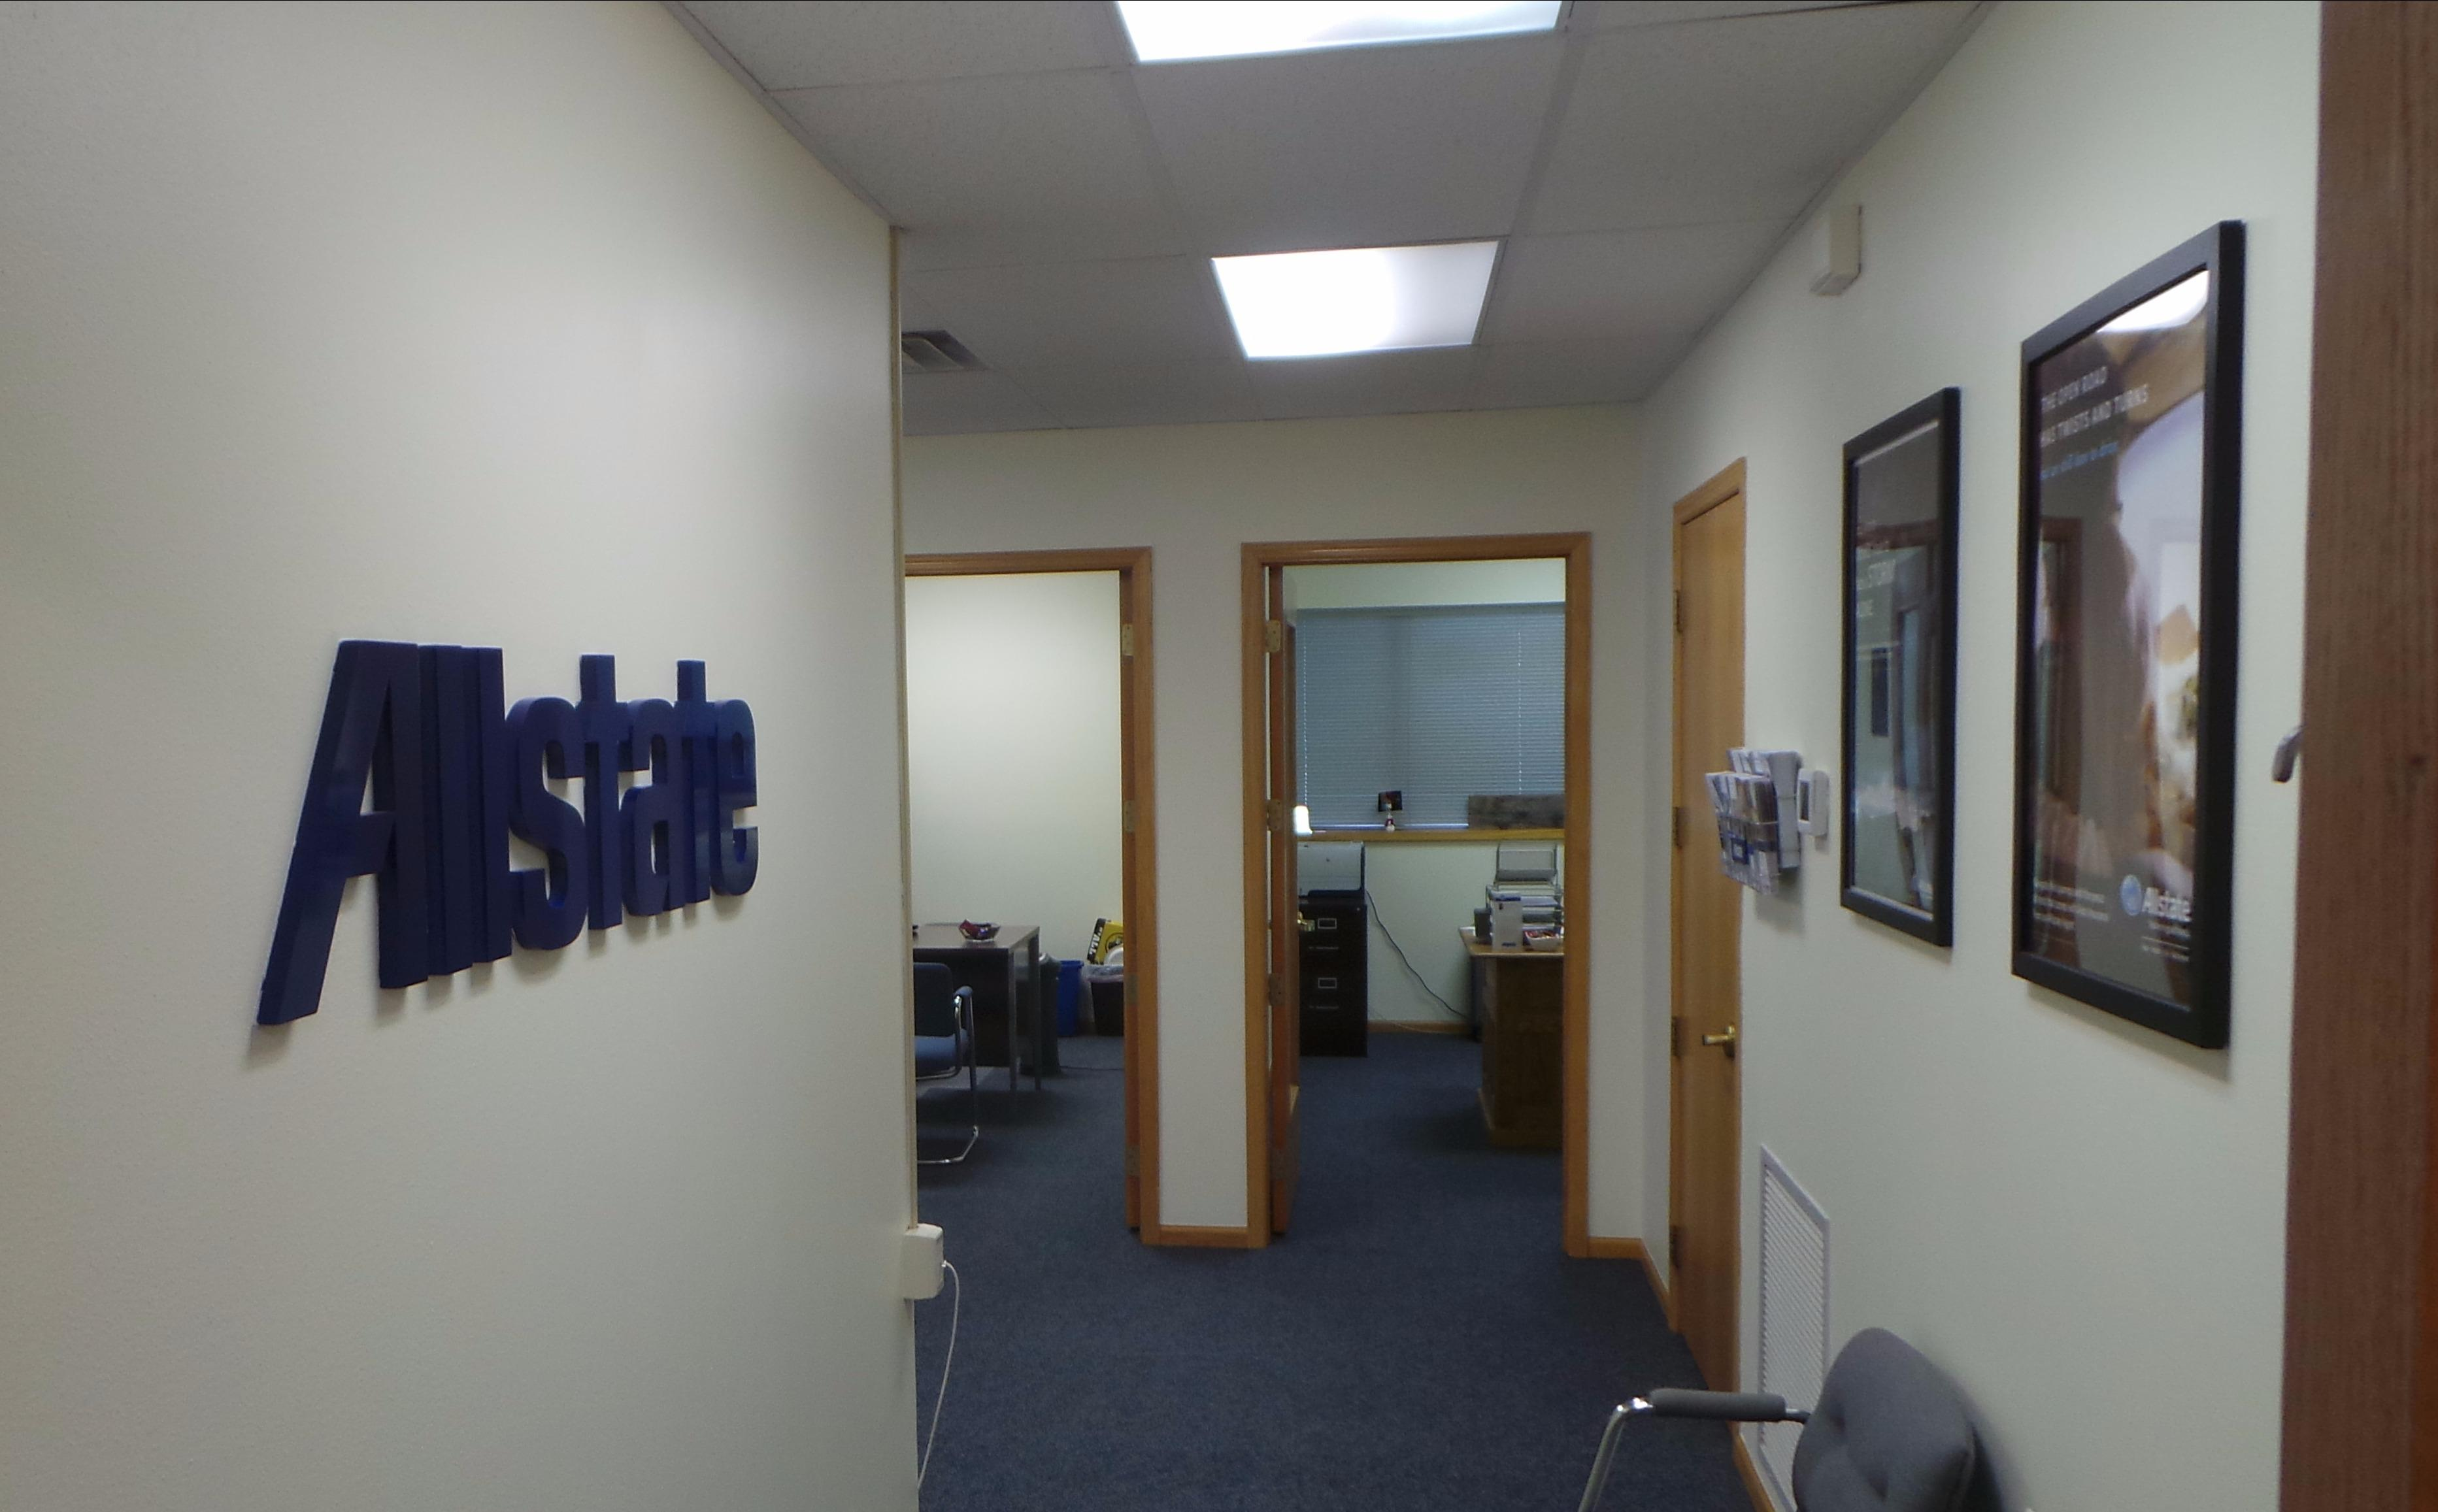 George McDevitt: Allstate Insurance image 1